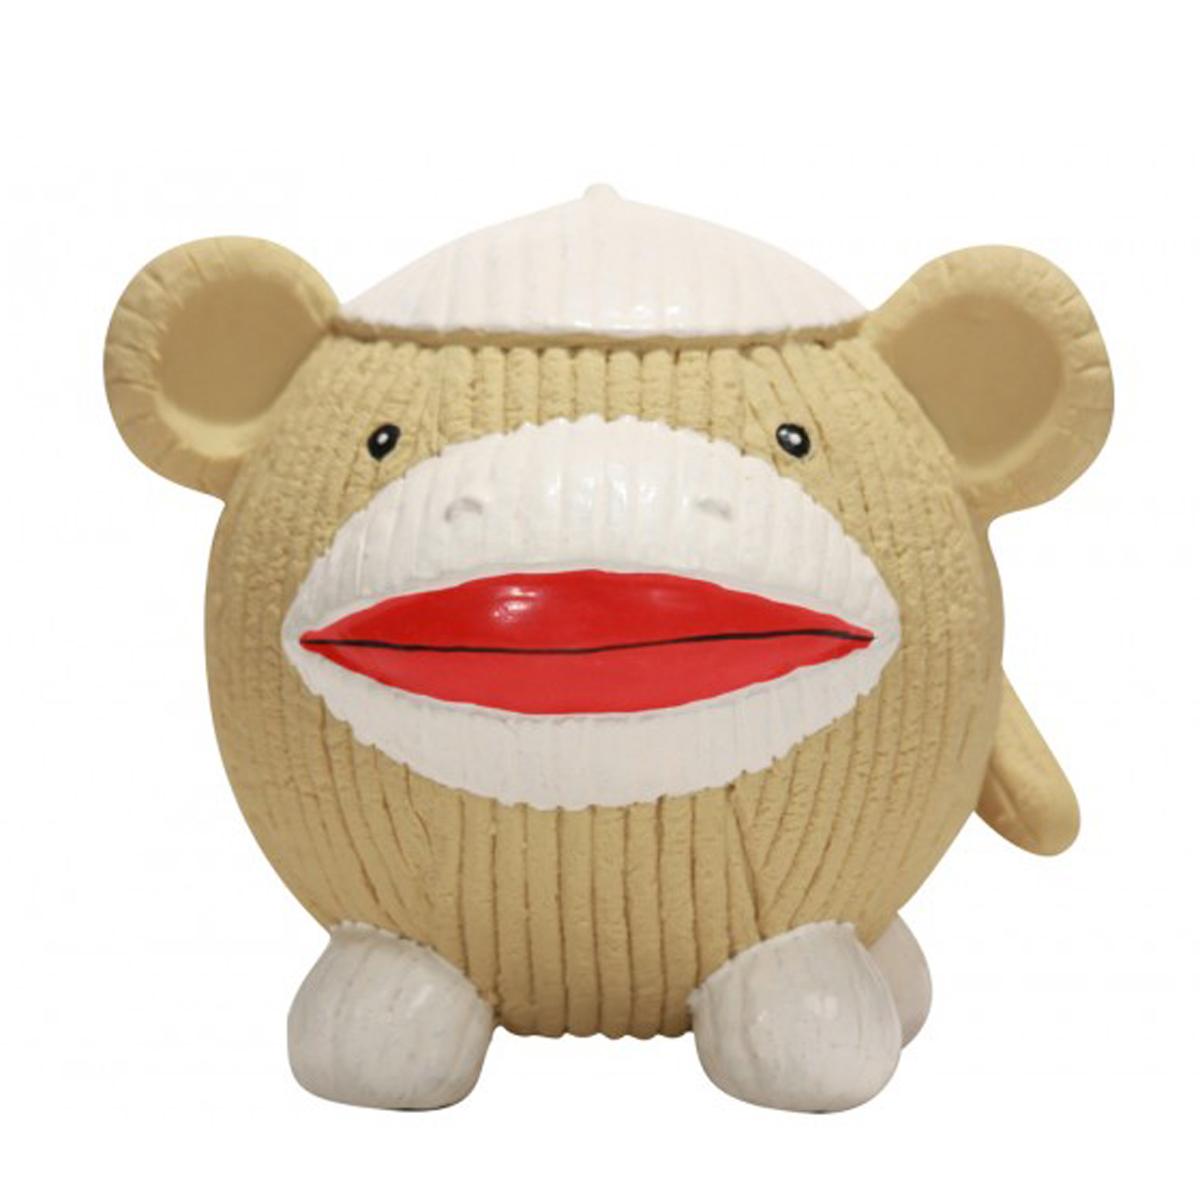 HuggleHounds Ruff-Tex Dog Toy - Sock Monkey